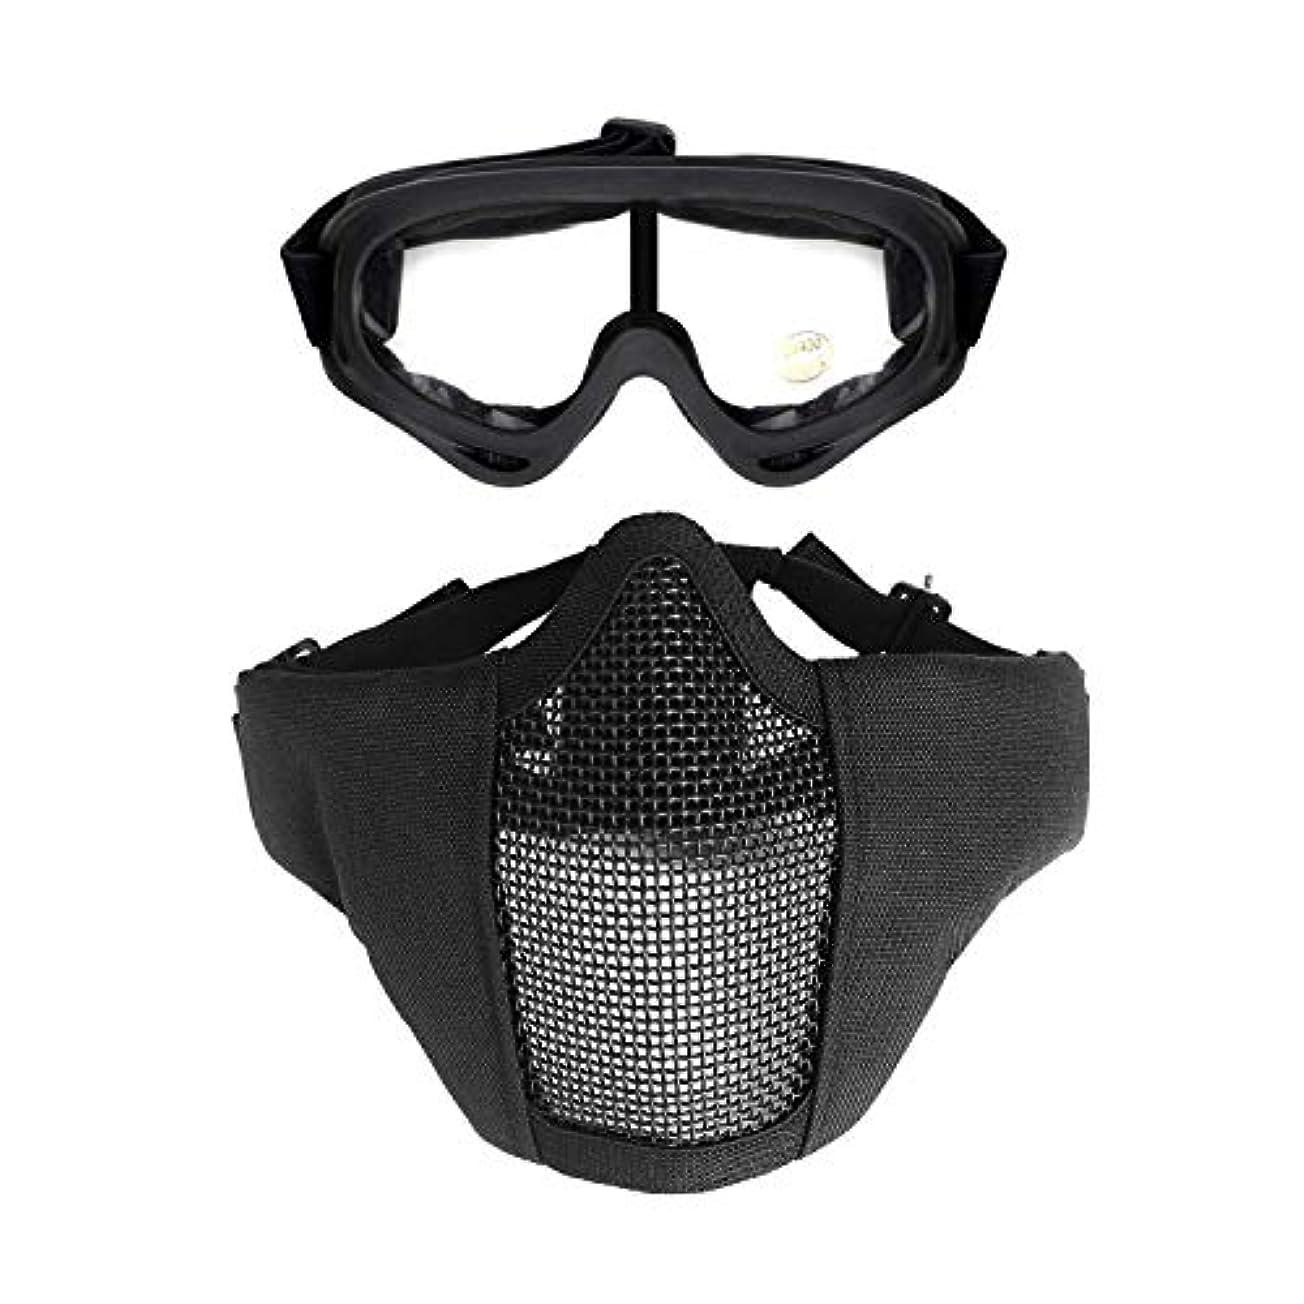 リングバックビジョン細いメッシュ マスク ゴーグル付き 通気性が良い フェイスマスク ゲーム ブラック 2個セット